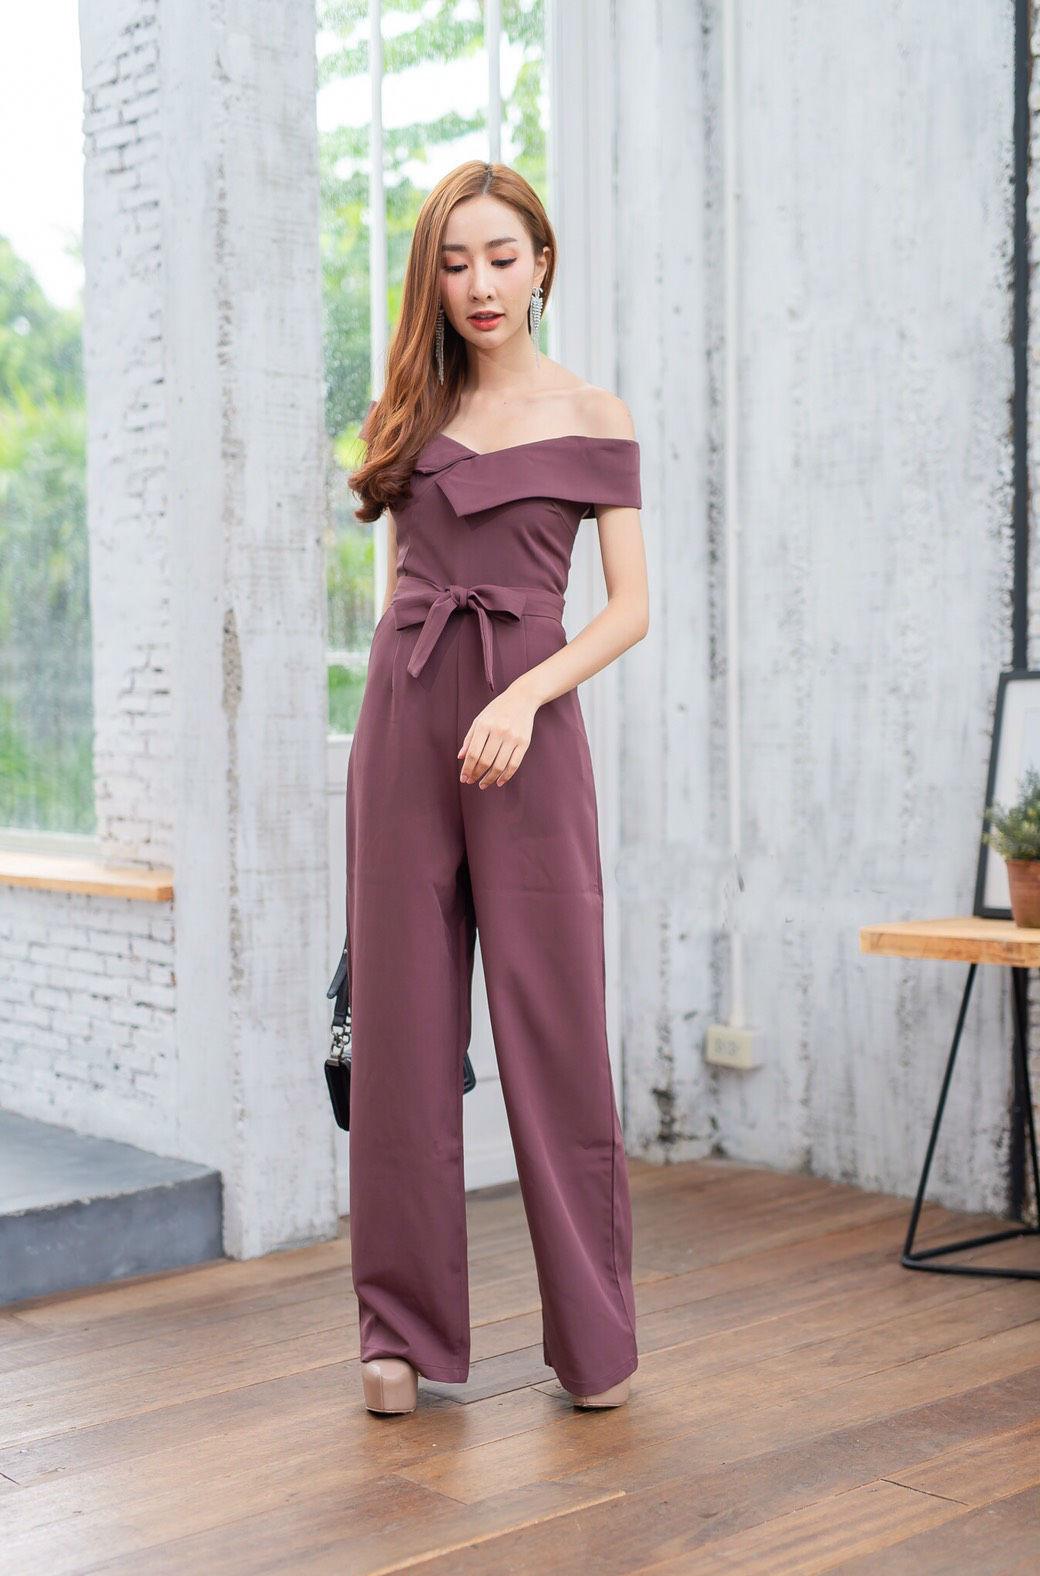 JS0037 เสื้อผ้าแฟชั่น เสื้อผ้าเกาหลี ชุดจั๊มสูท จั๊มสูทขายาว จั๊มสูทกางเกง ชุดออกงาน ชุดทำงาน จั๊มสูทเปิดไหล่ จั๊มสูทปาดไหล่ (สีนู้ด) งานสวยหนักมากกก❗️จั๊มสูทขายาวรุ่นนี้สวยมากเลยค่ะ